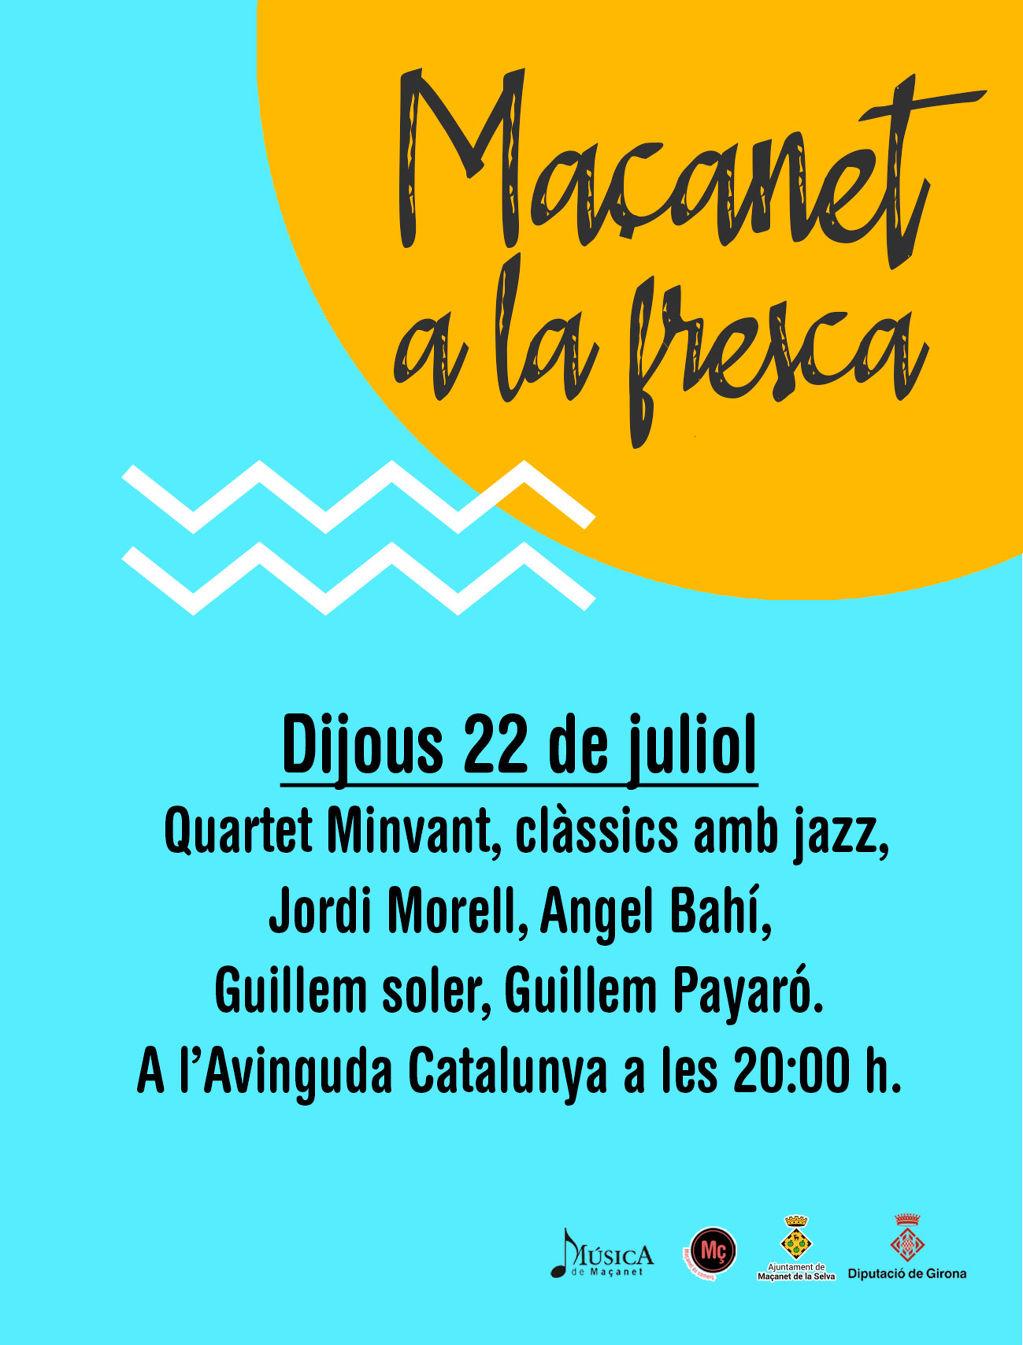 MAÇANET A LA FRESCA: Clàssics amb Jazz - 51388-22-juliol--1-.jpg